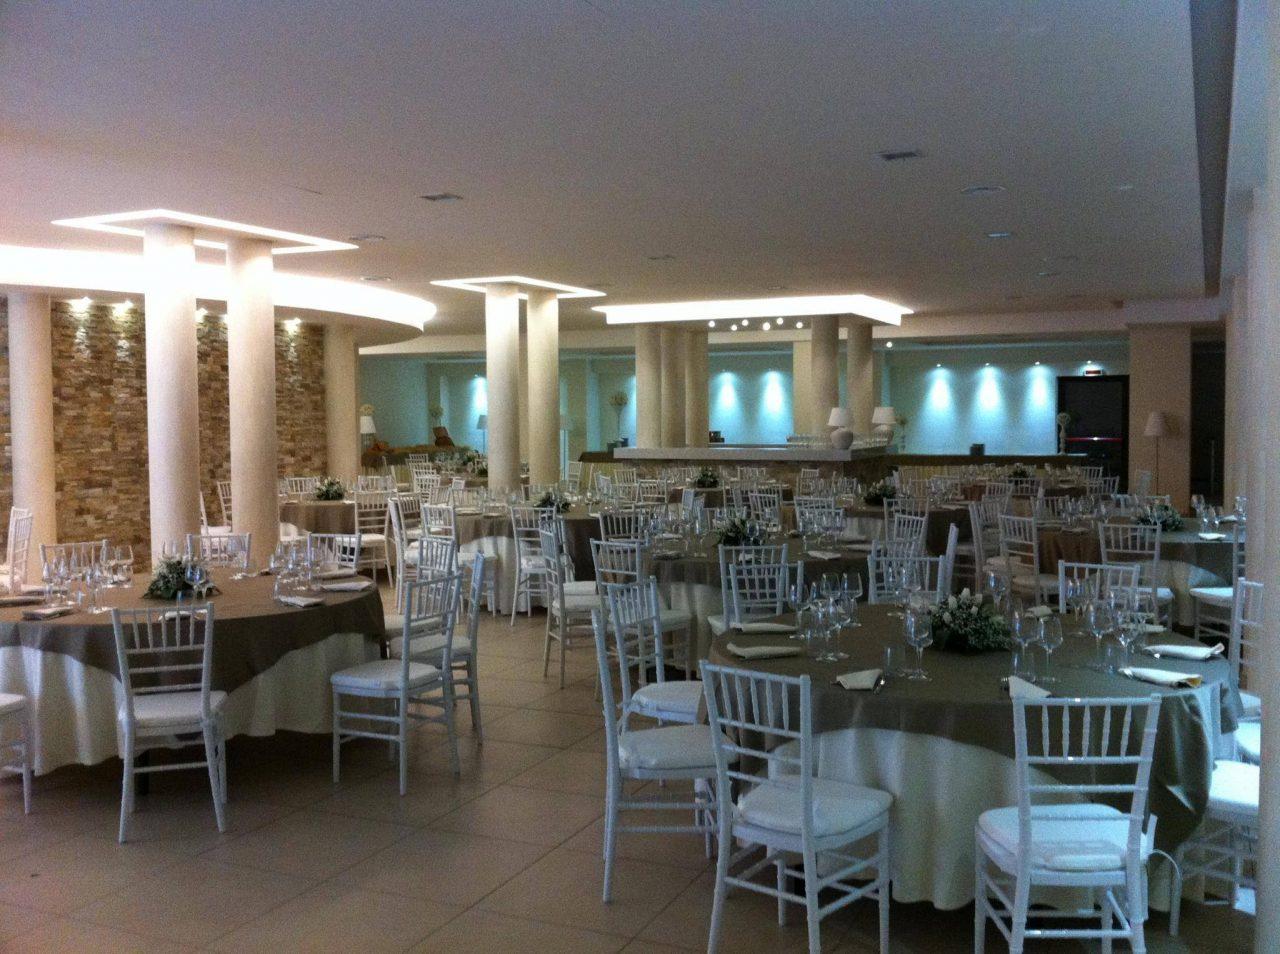 Residenza Agora - Location per Cerimonie e Feste Private ai Castelli Romani